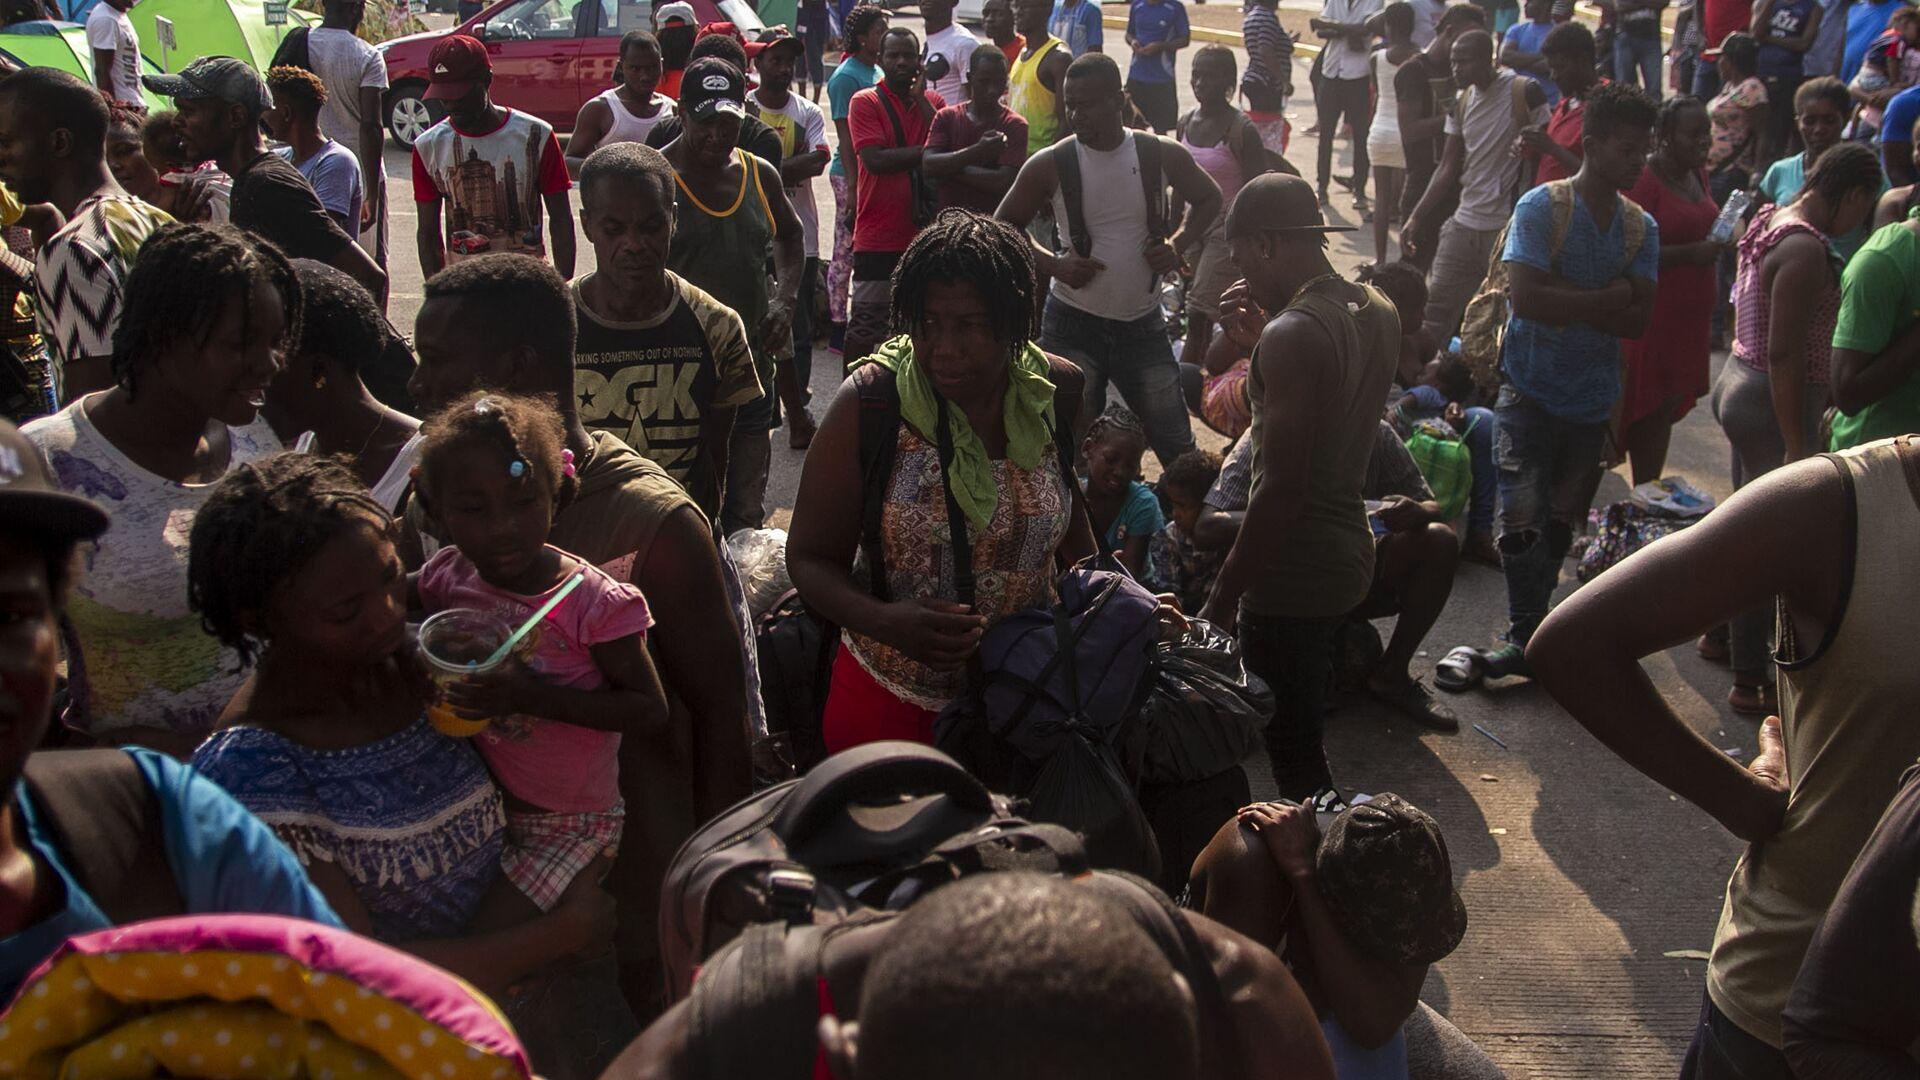 Tapachula, Chiapas: Cientos de migrantes, muchos de ellos haitianos, esperan que les resuelvan su situación migratoria en la estación Siglo XXI - Sputnik Mundo, 1920, 21.09.2021